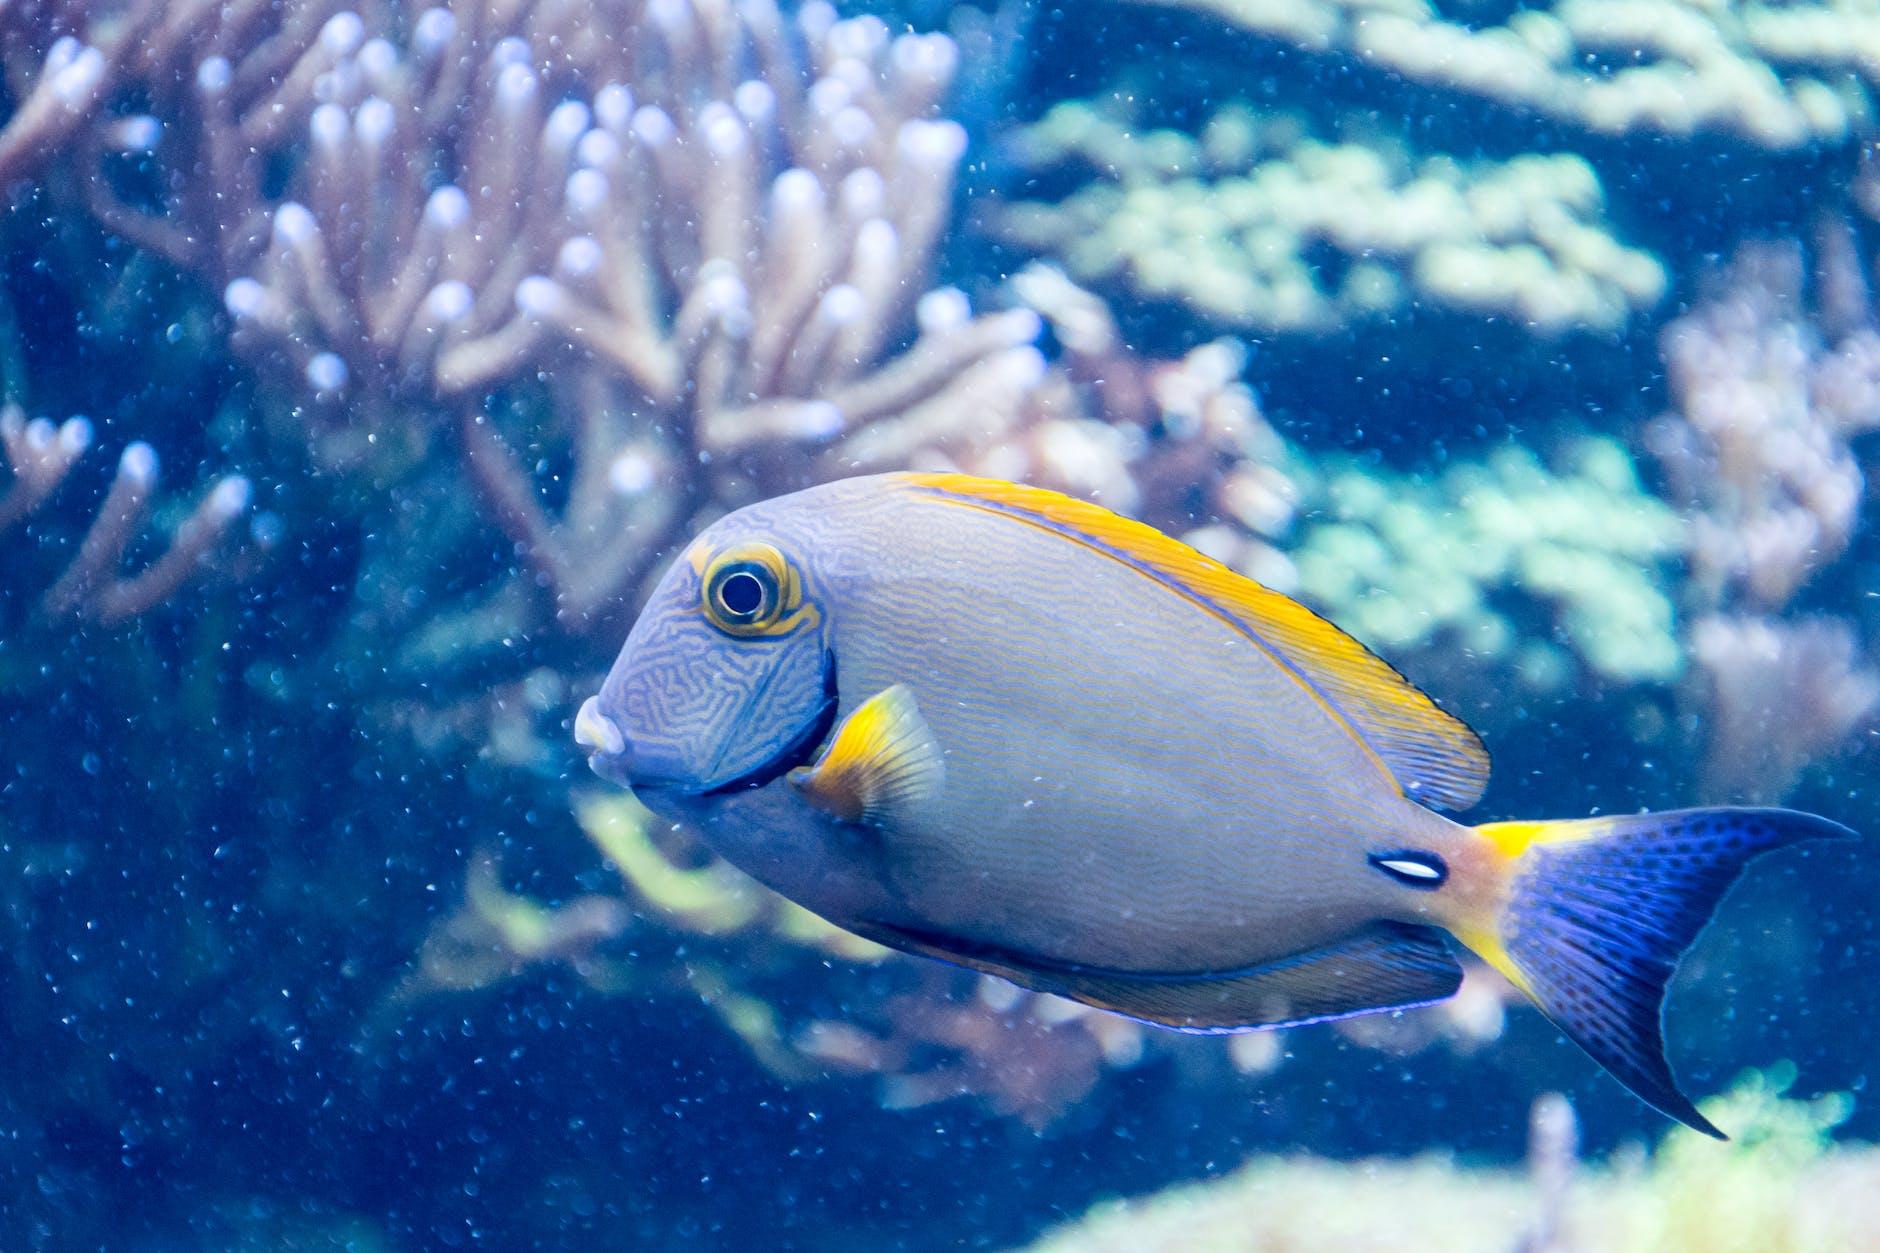 The Best Freshwater Aquarium Fish